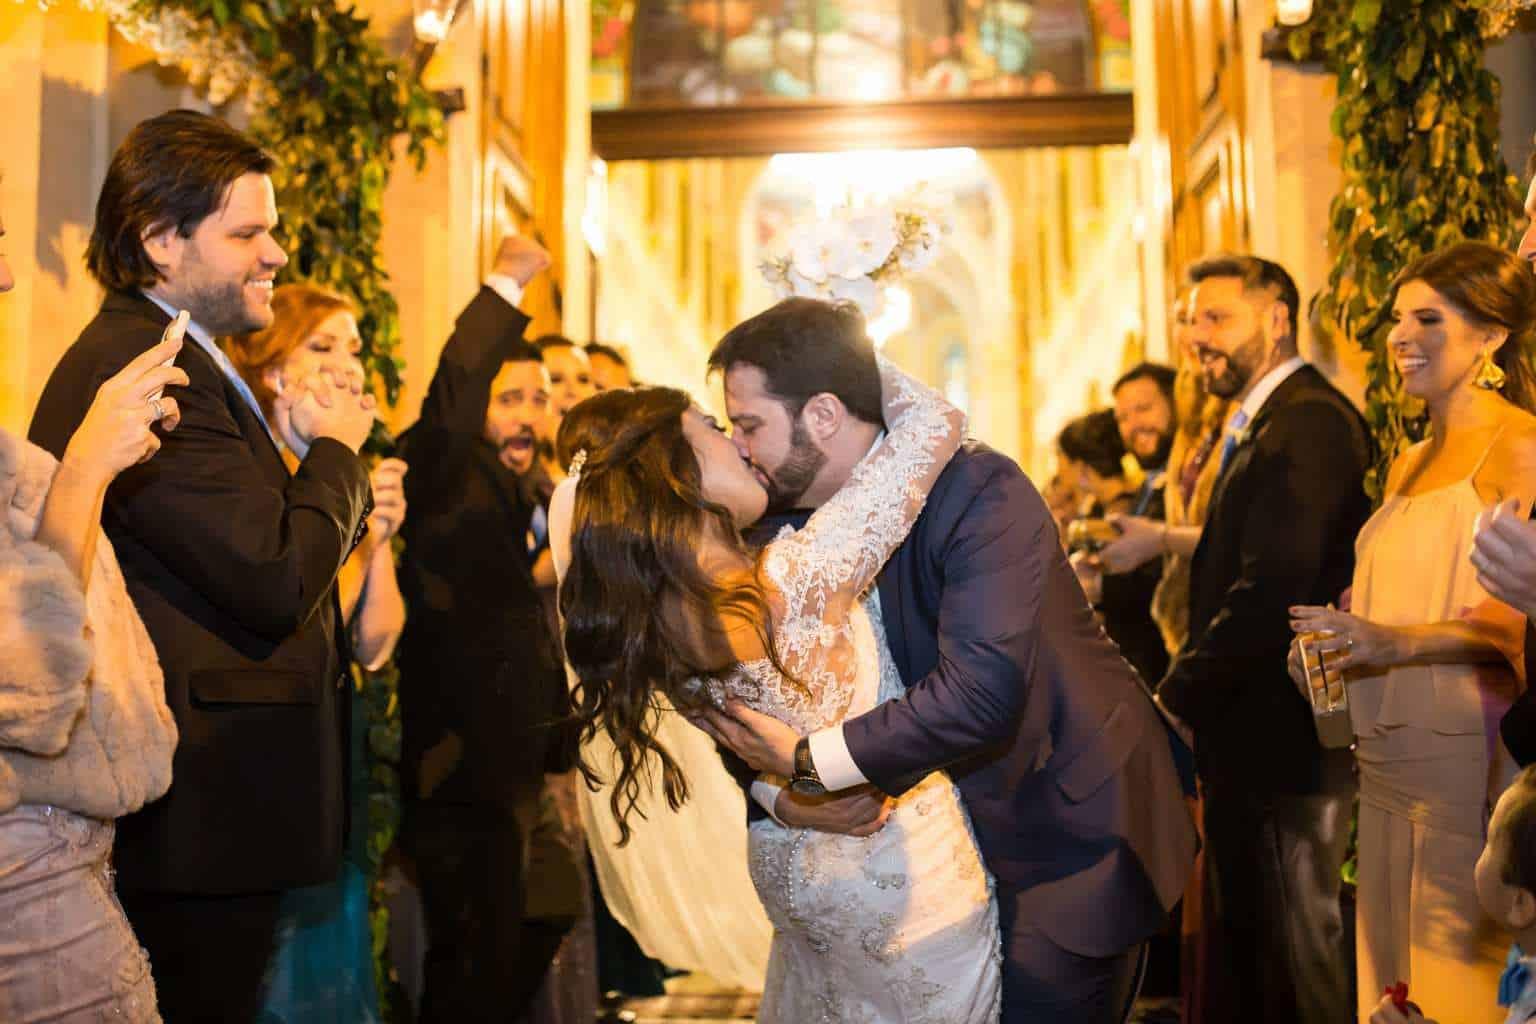 casamento-fernanda-e-leandro-casamento-sp-Fotografia-Produtora-7-casamento-clássico-casamento-tradicional-wedding-17